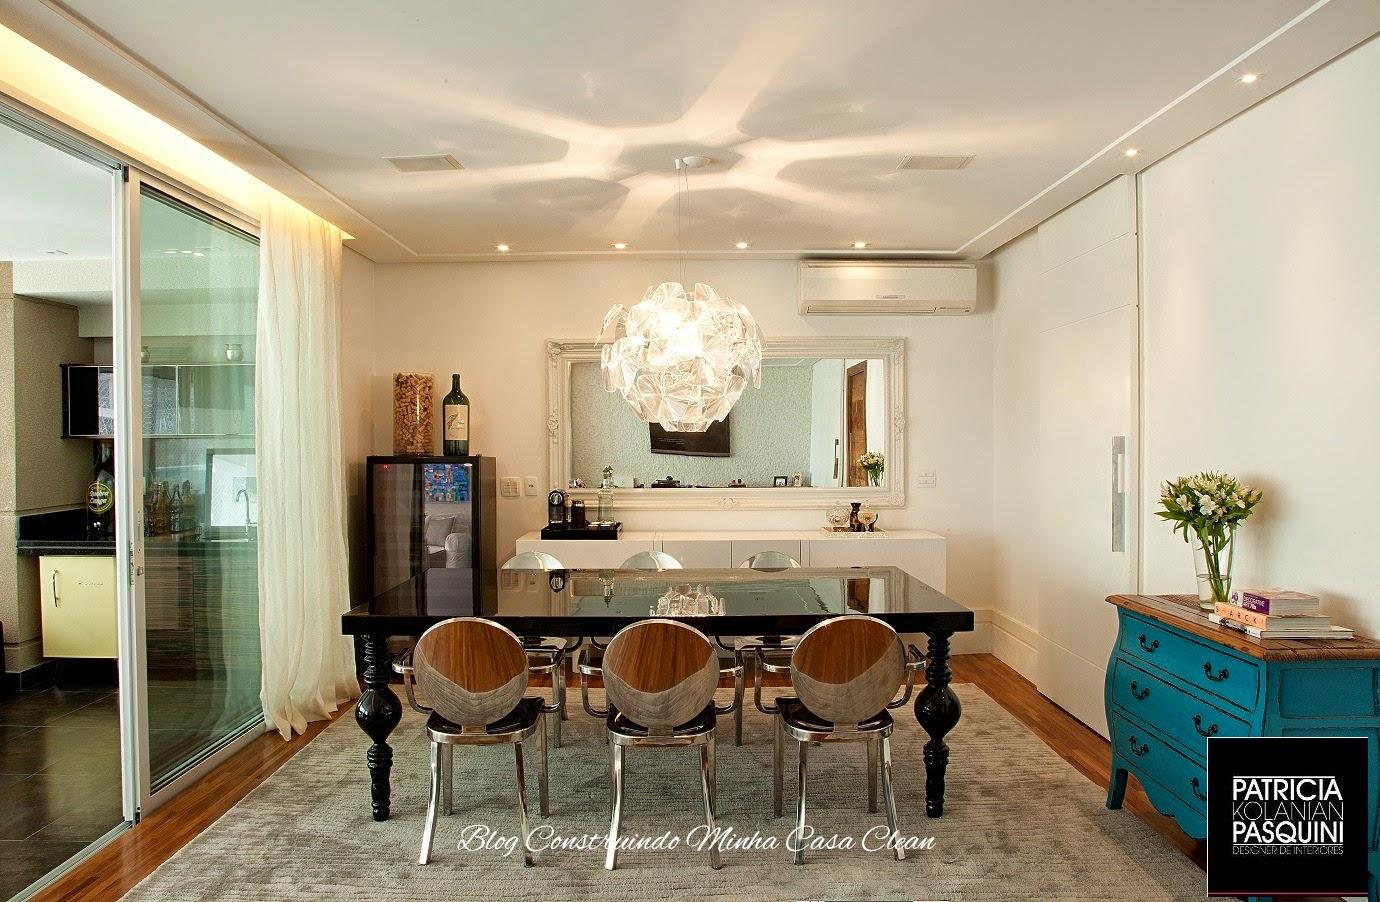 Sala De Jantar Retangular ~ Pendente em formato de esfera luminosa! Sala clara com mesa retangular